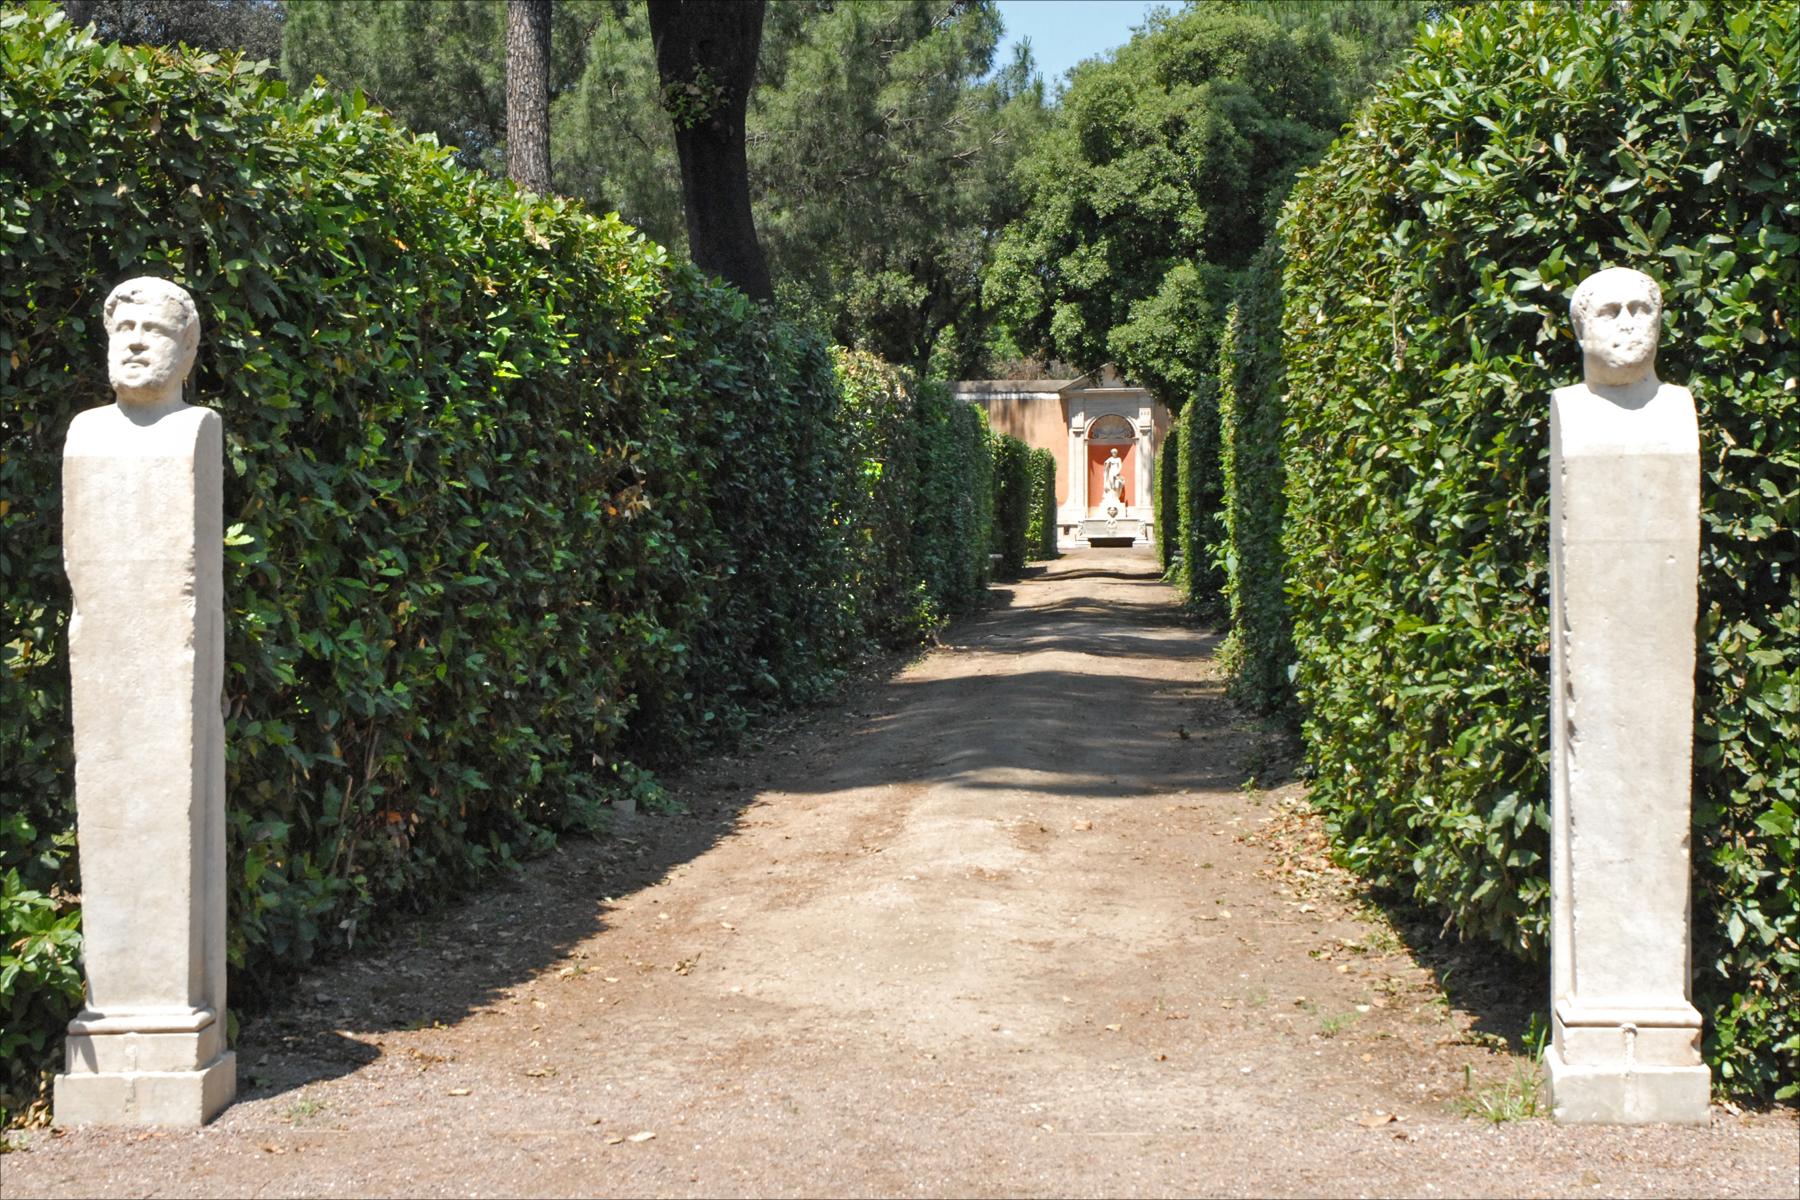 File:Allée Et Hermès Dans Le Jardin De La Villa Médicis (Rome) (